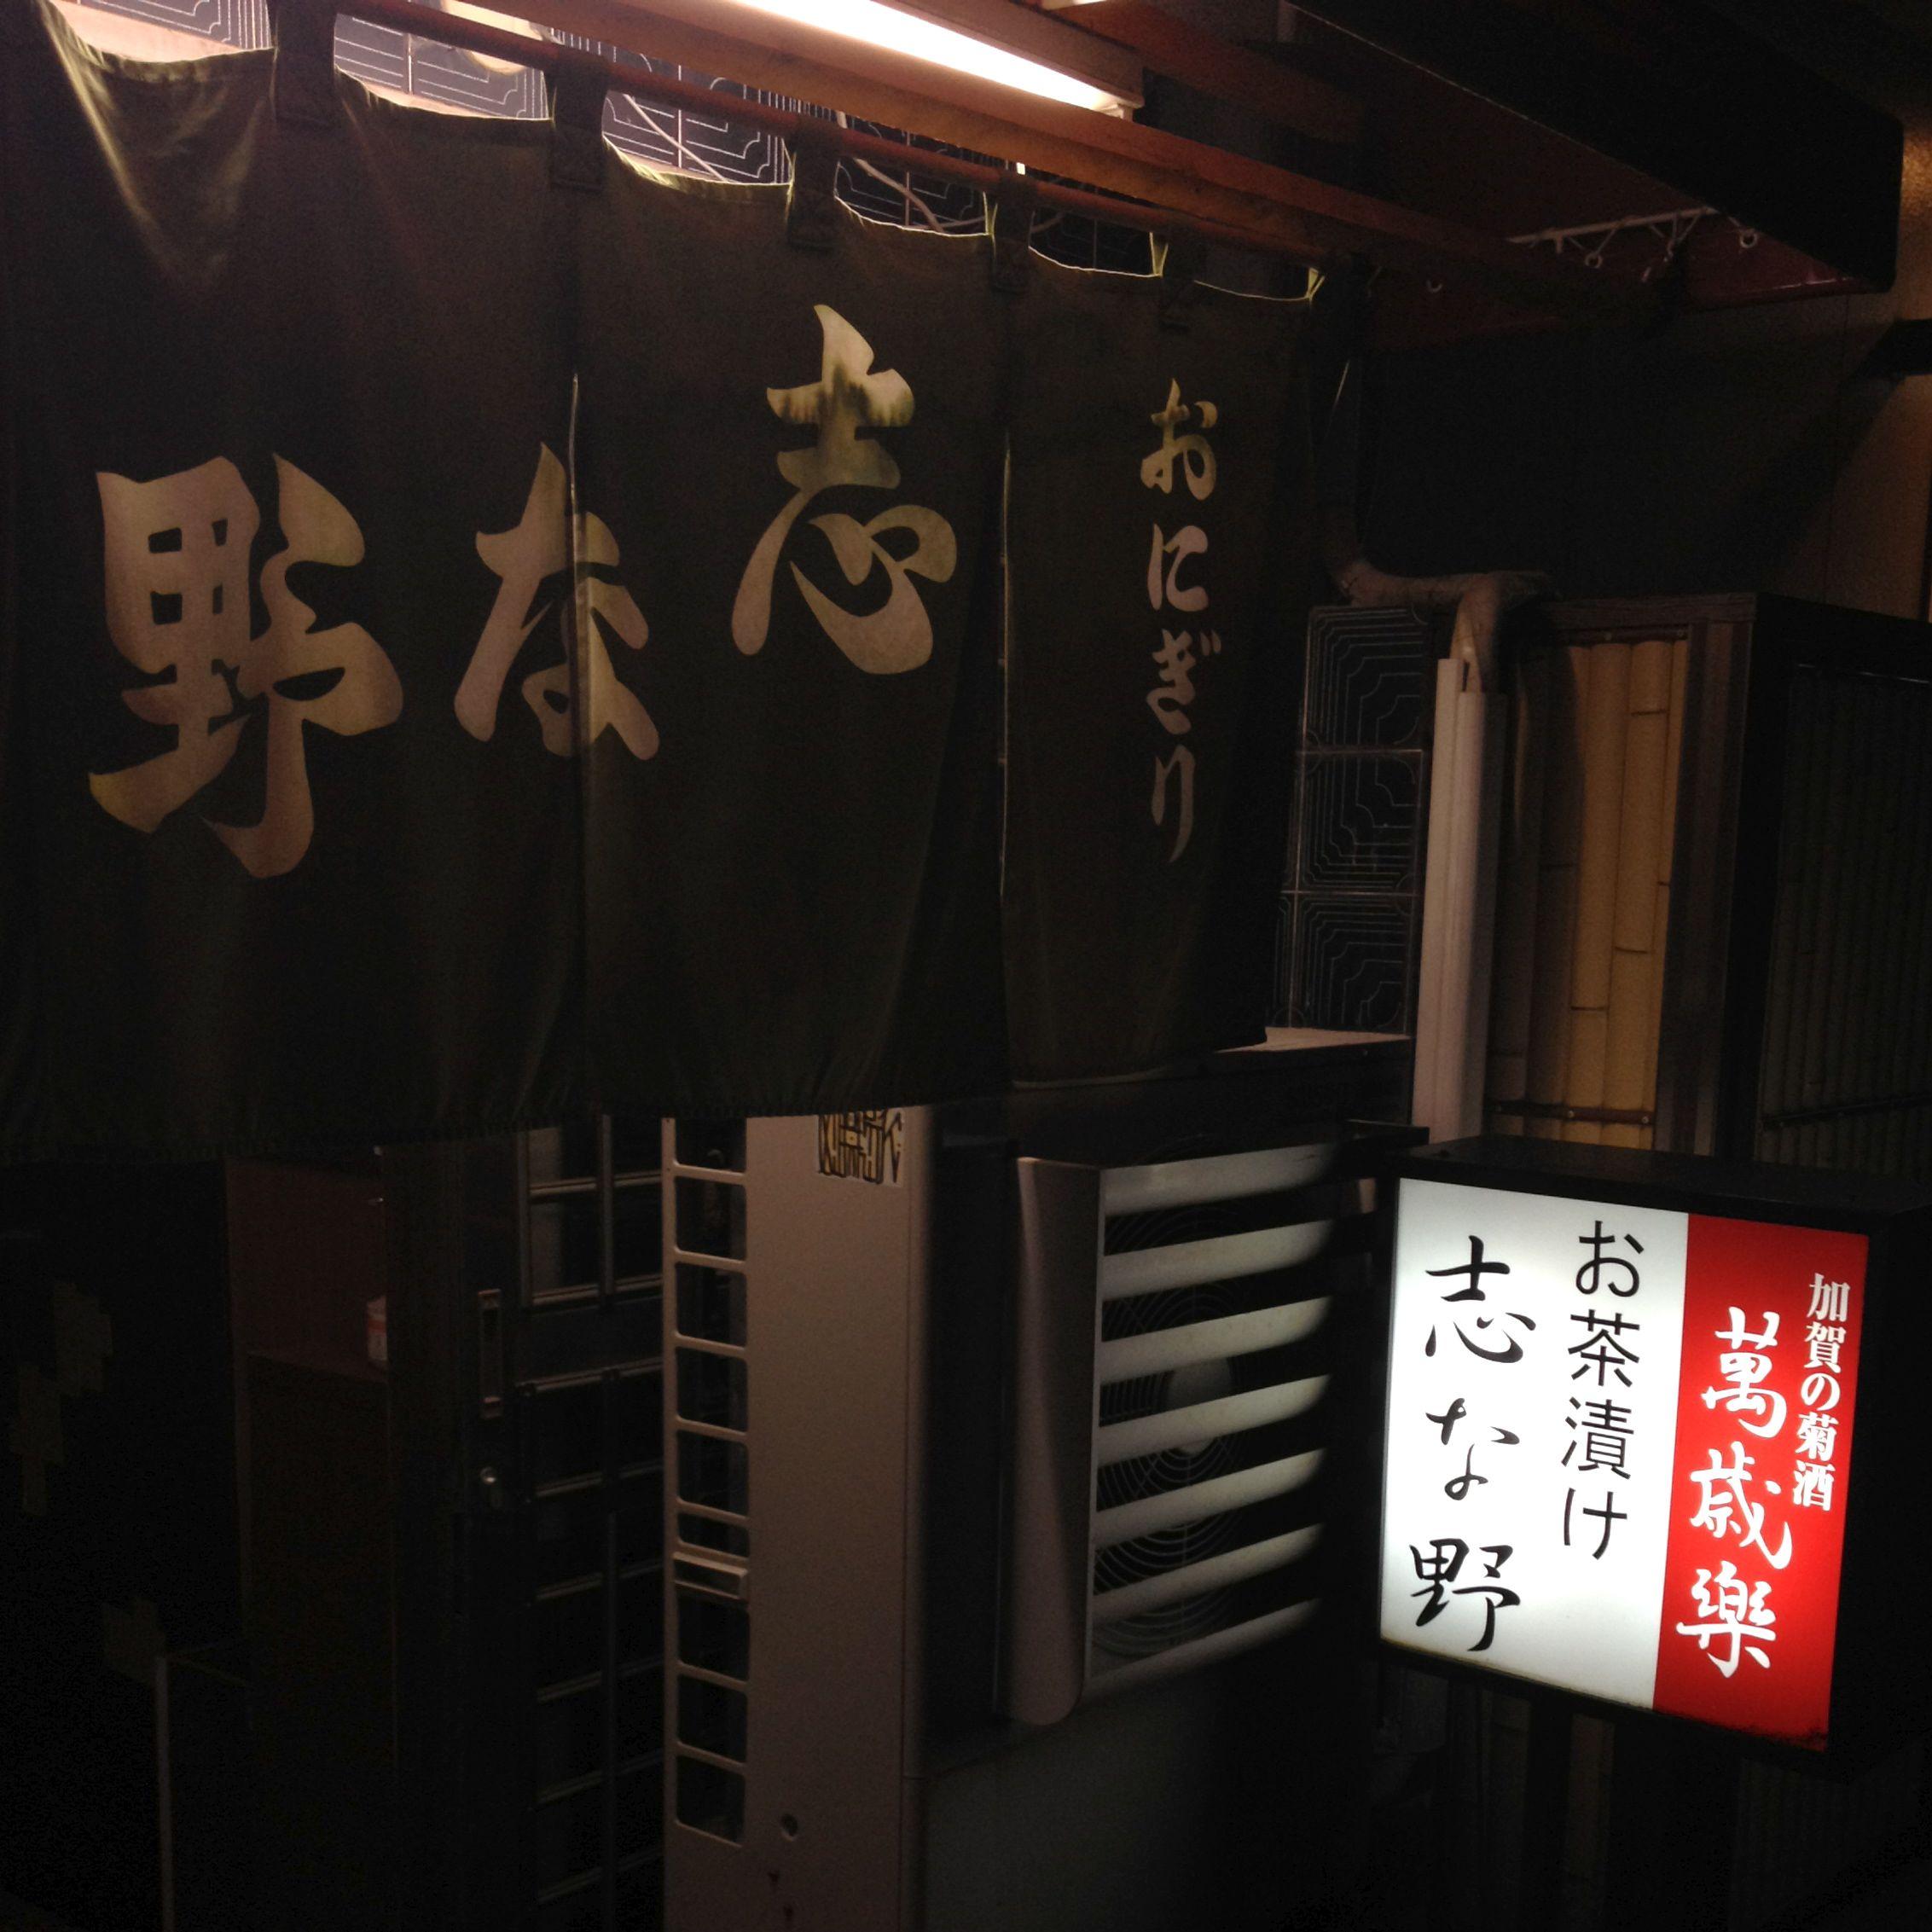 石川&富山ラジオ出演等レポ☆_a0271541_22332859.jpg